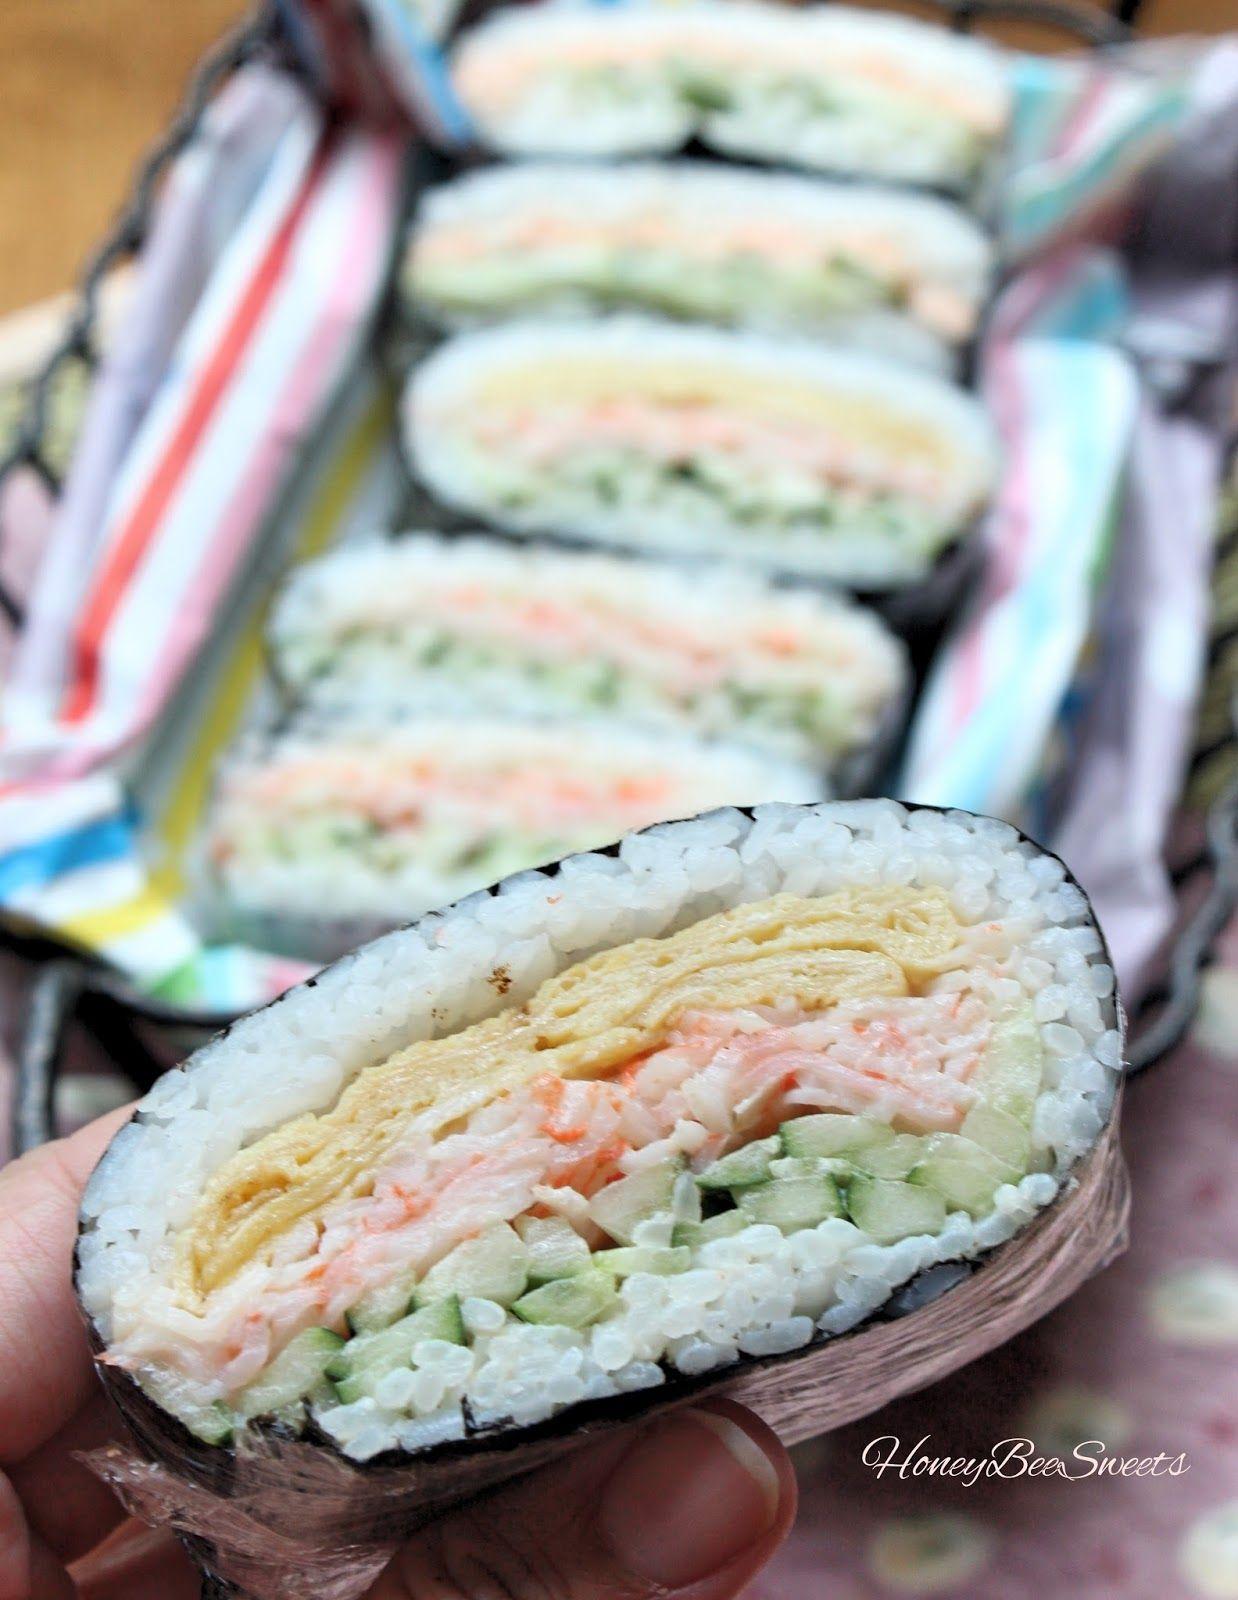 Best Foods Sandwich Spread Recipe